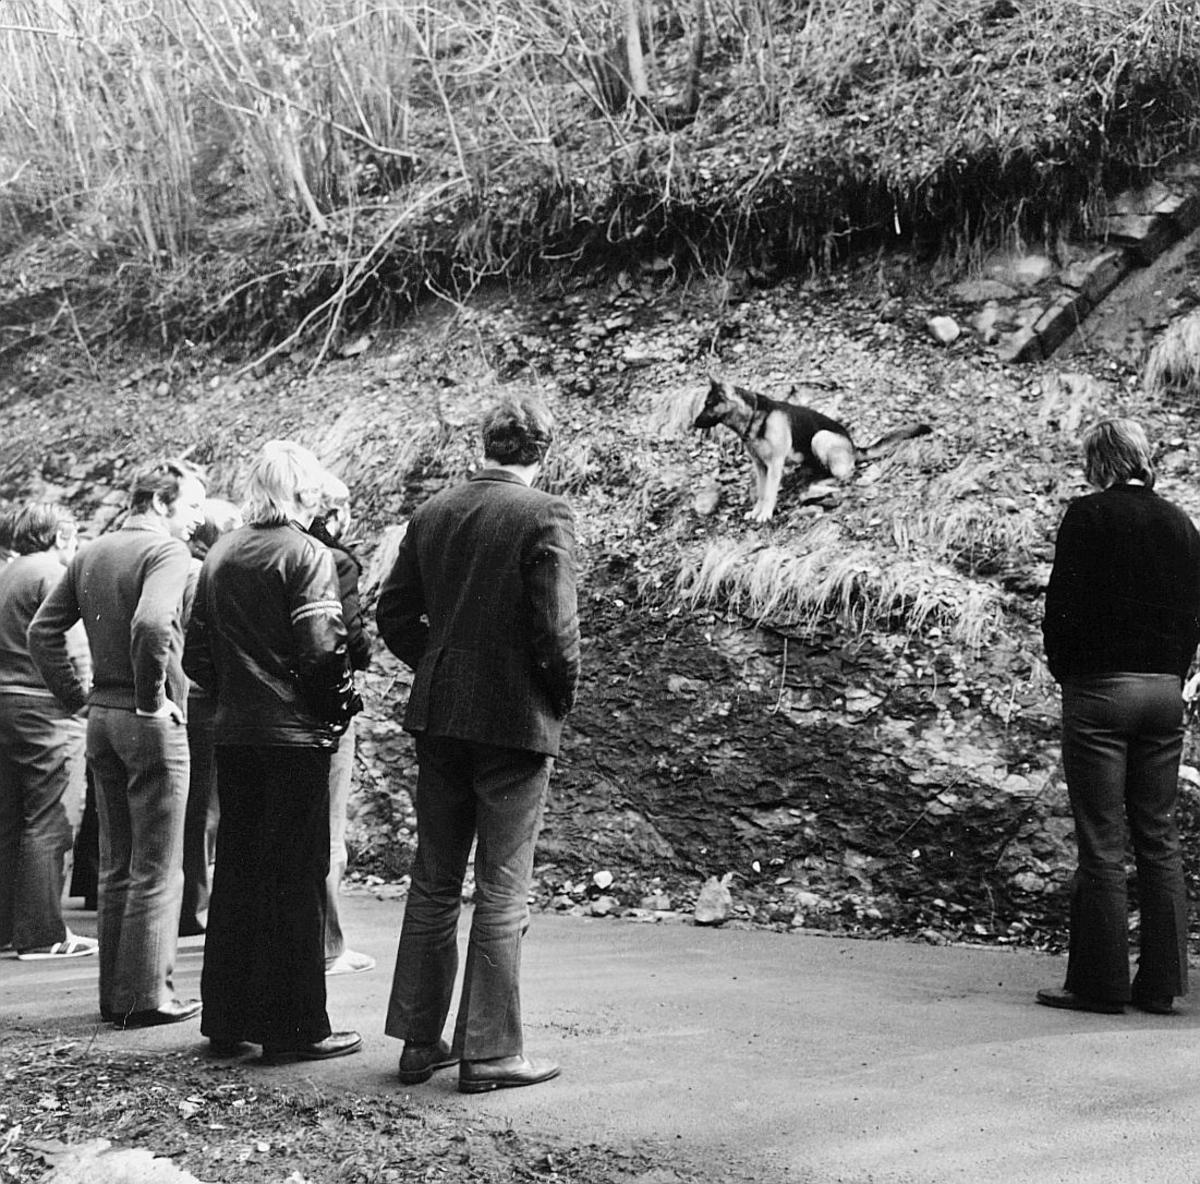 postskolen, Sjøstrand bad, april 1974, eksteriør, menn, 1 hund